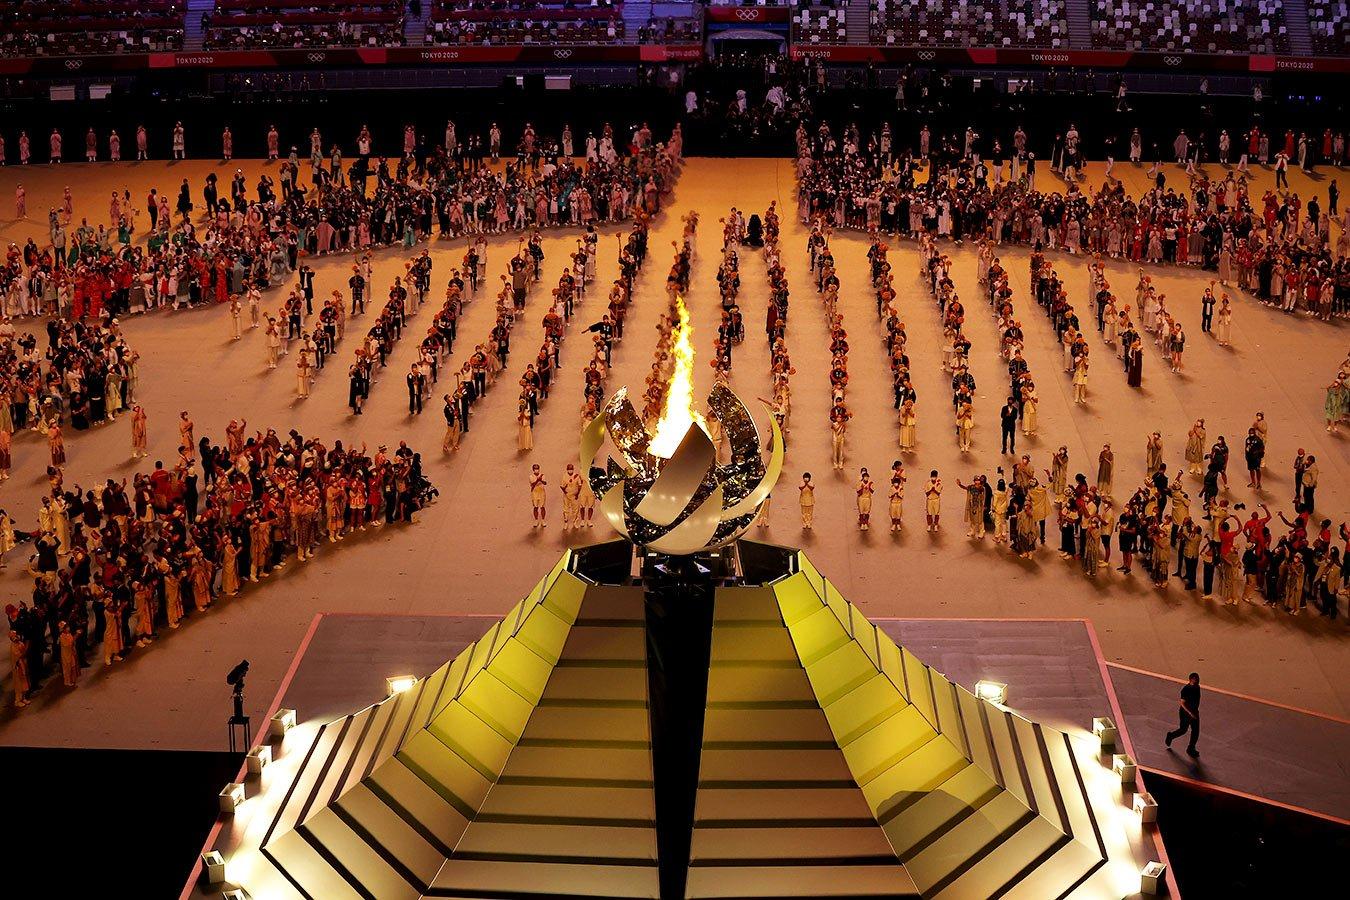 Олимпийские игры — 2020, 25 июля: где смотреть прямой эфир, время начала трансляций